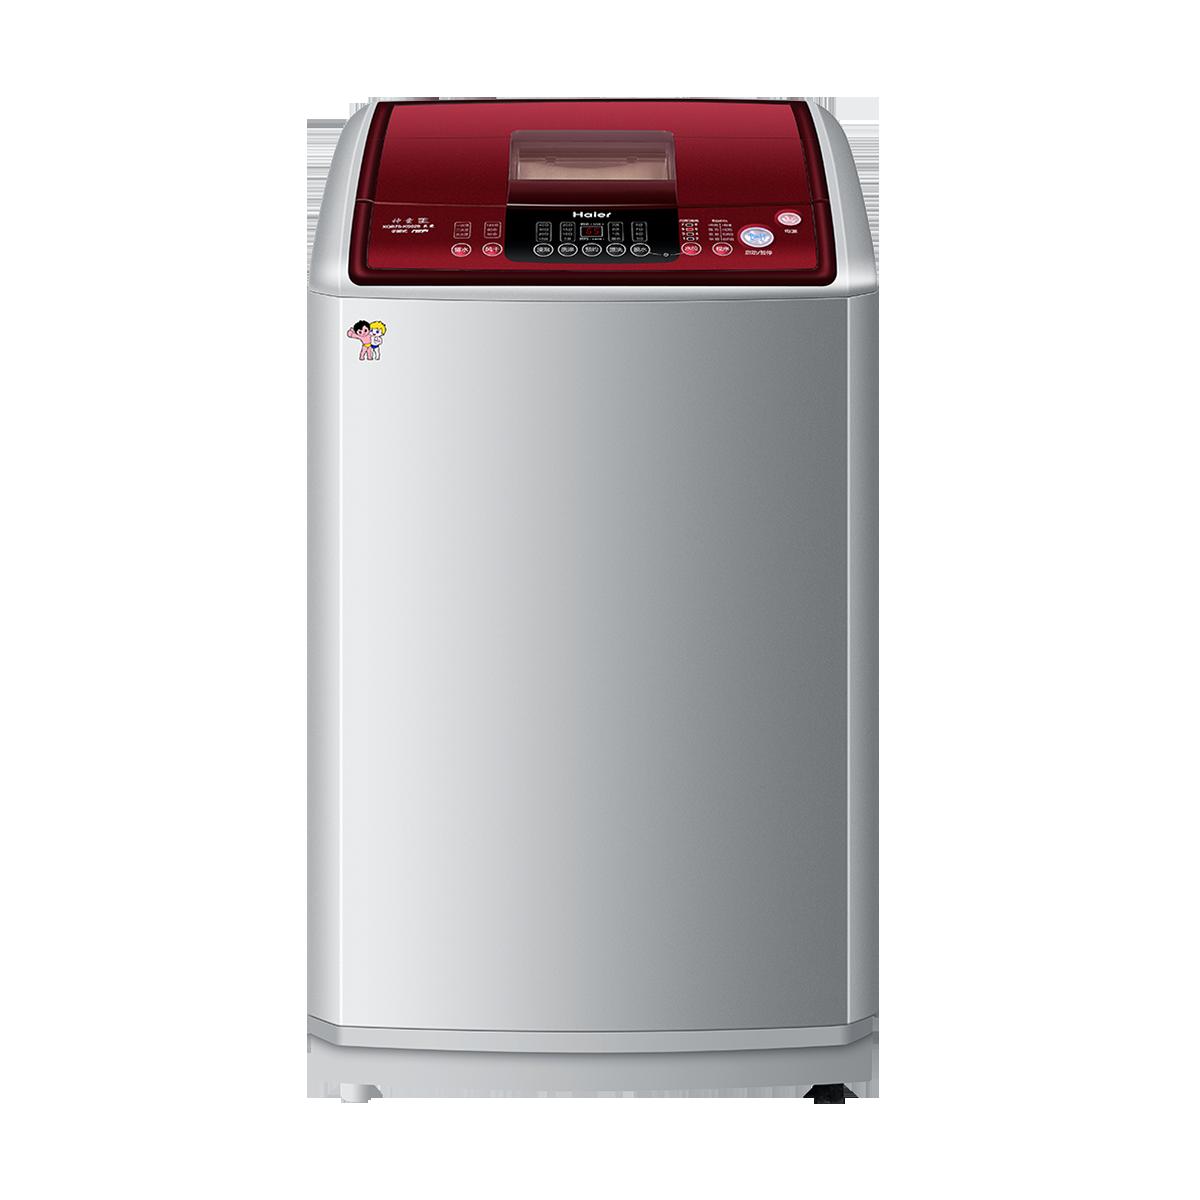 海尔Haier洗衣机 XQB75-KS828 说明书